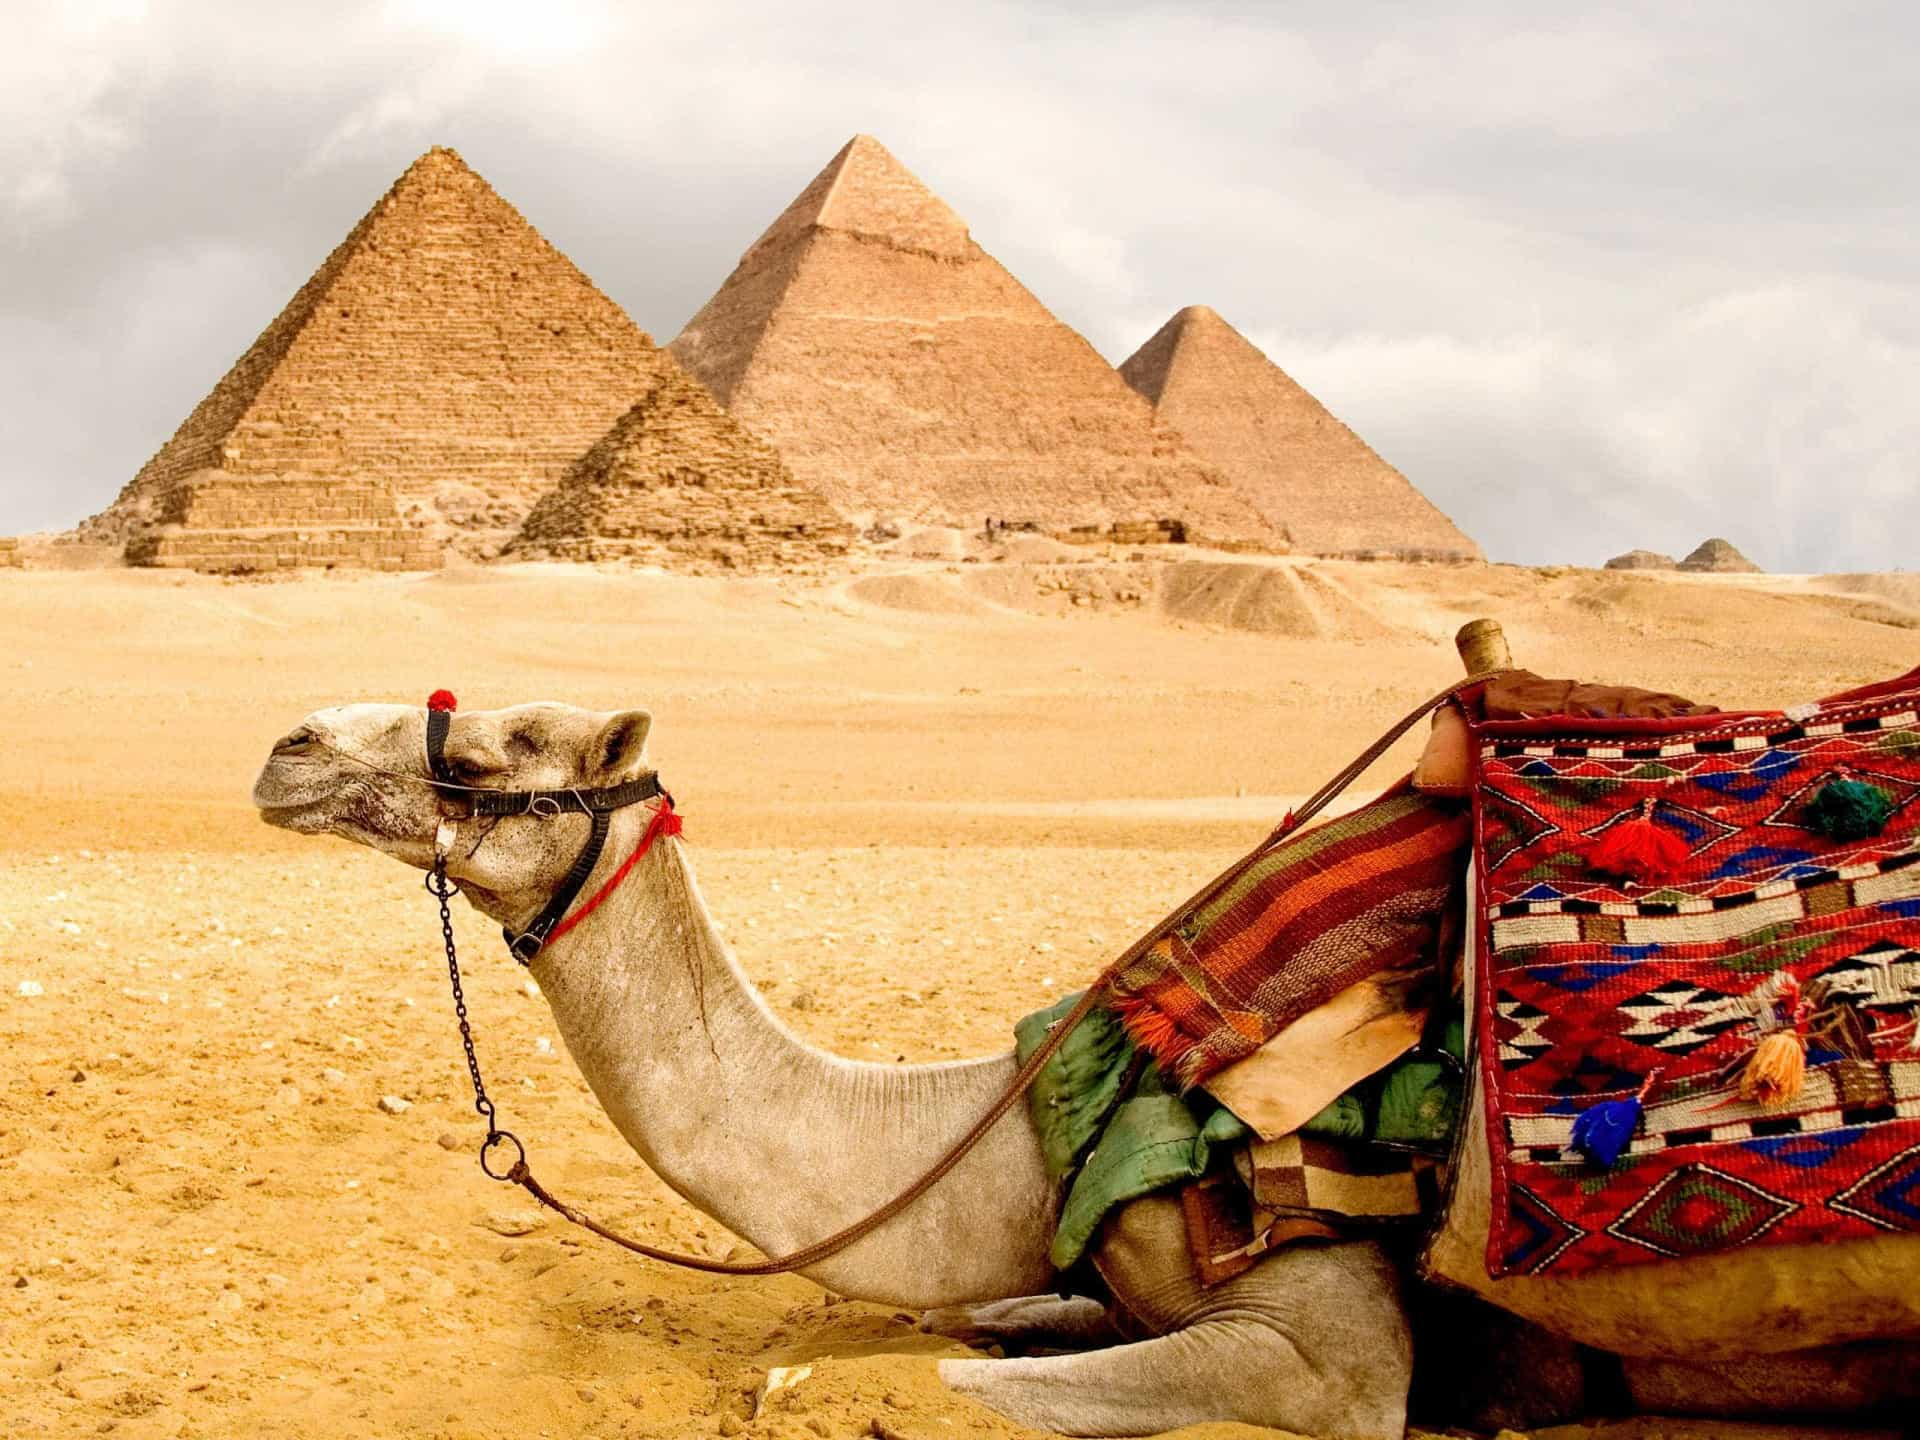 Pirâmides de Gizé: Todas as curiosidades